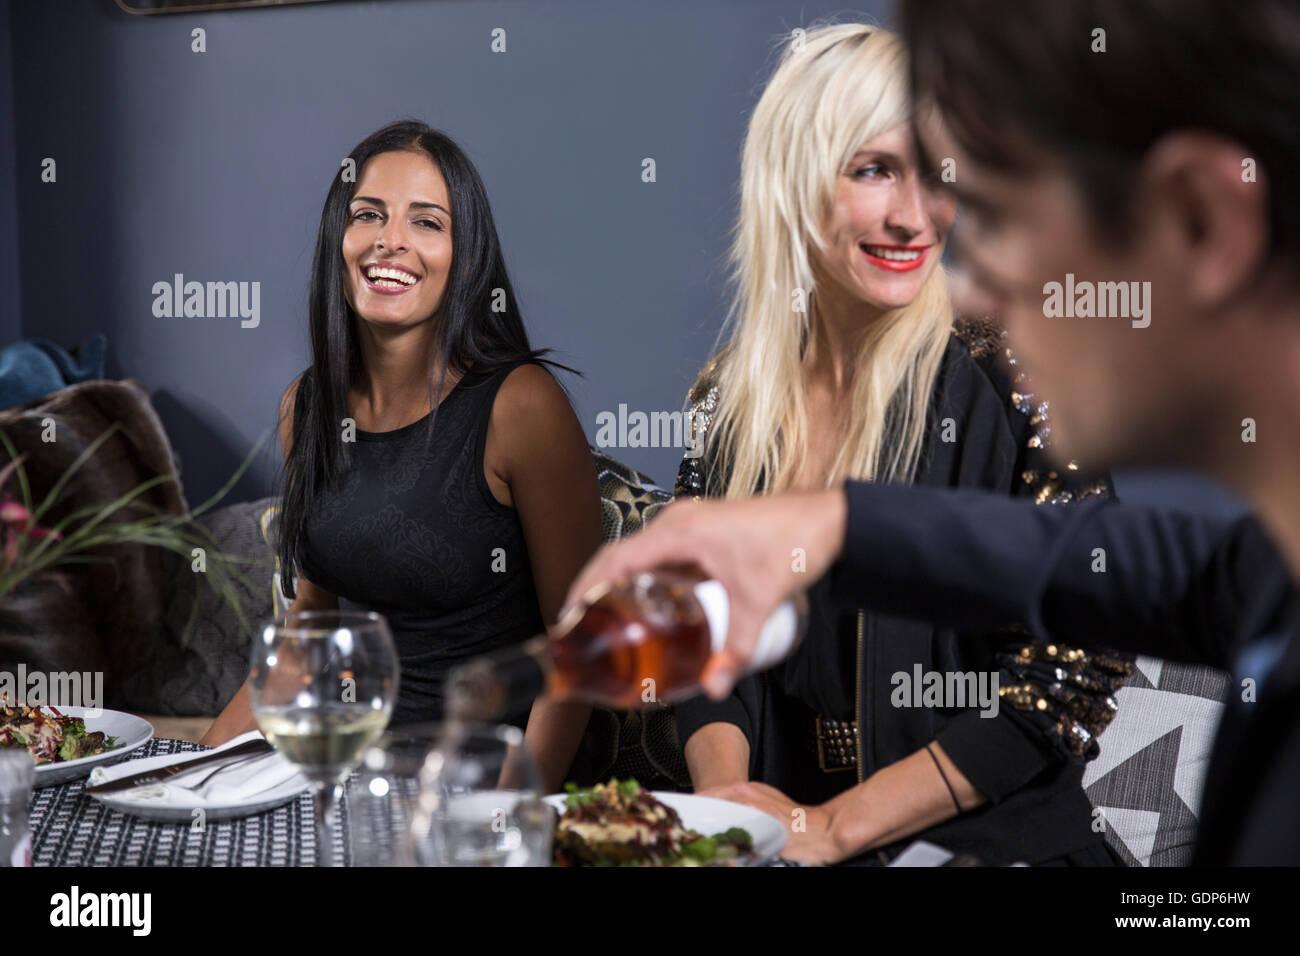 Amigos cenando en el restaurante Imagen De Stock